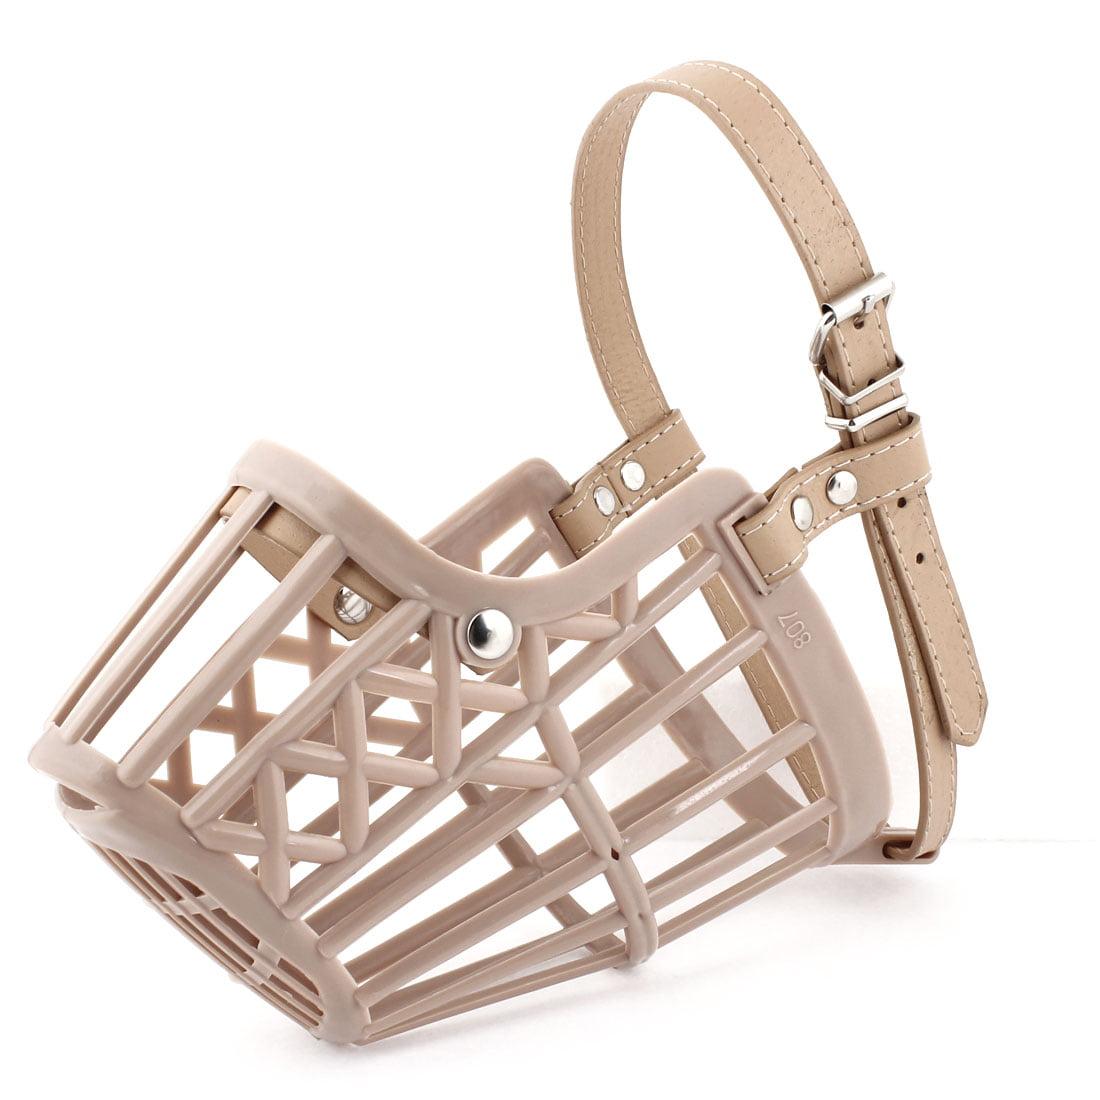 Unique Bargains 50cm-56cm Adjustable One Pin Fastener Strap Mesh Basket Cover for Dog